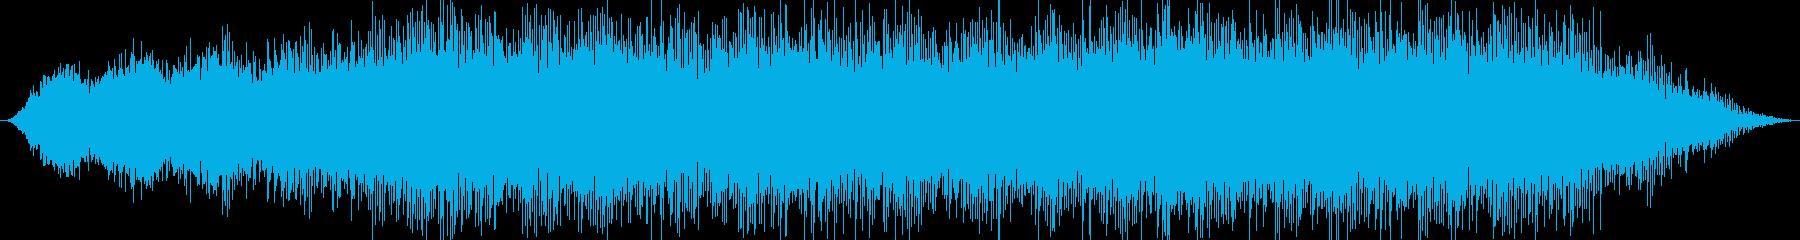 幻想的な洞窟をイメージしたBGMの再生済みの波形